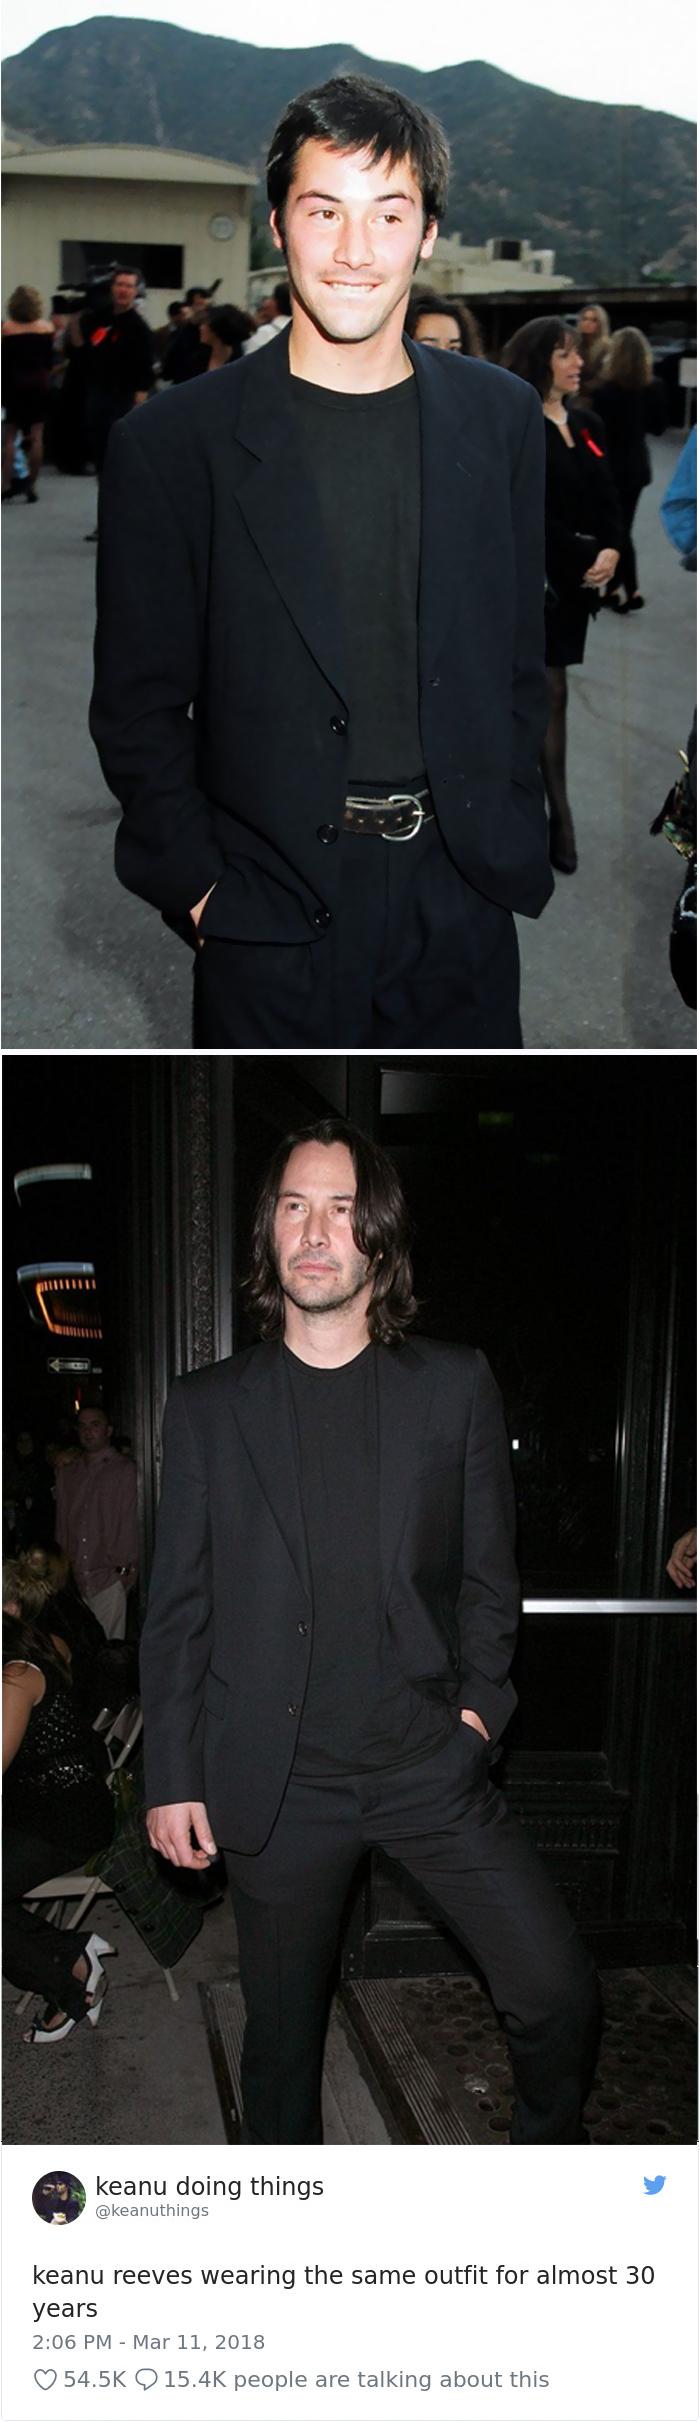 Keanu Reeves llevando el mismo traje durante casi 30 años